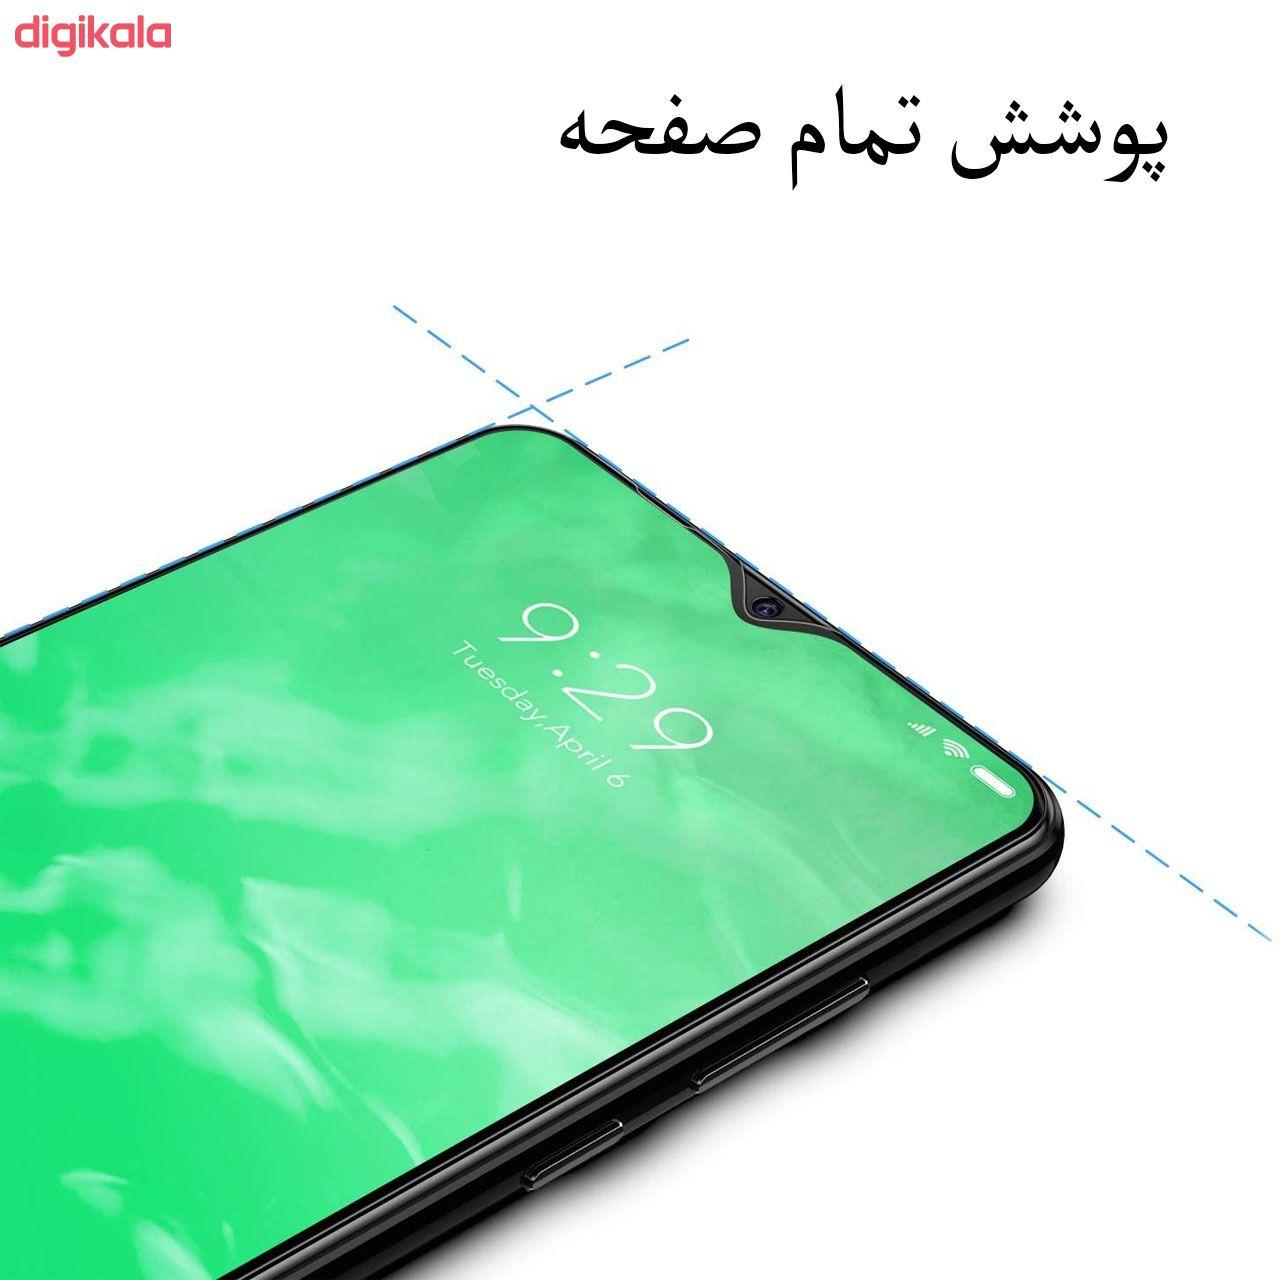 محافظ صفحه نمایش مدل FCG مناسب برای گوشی موبایل سامسونگ Galaxy M20 بسته سه عددی main 1 2